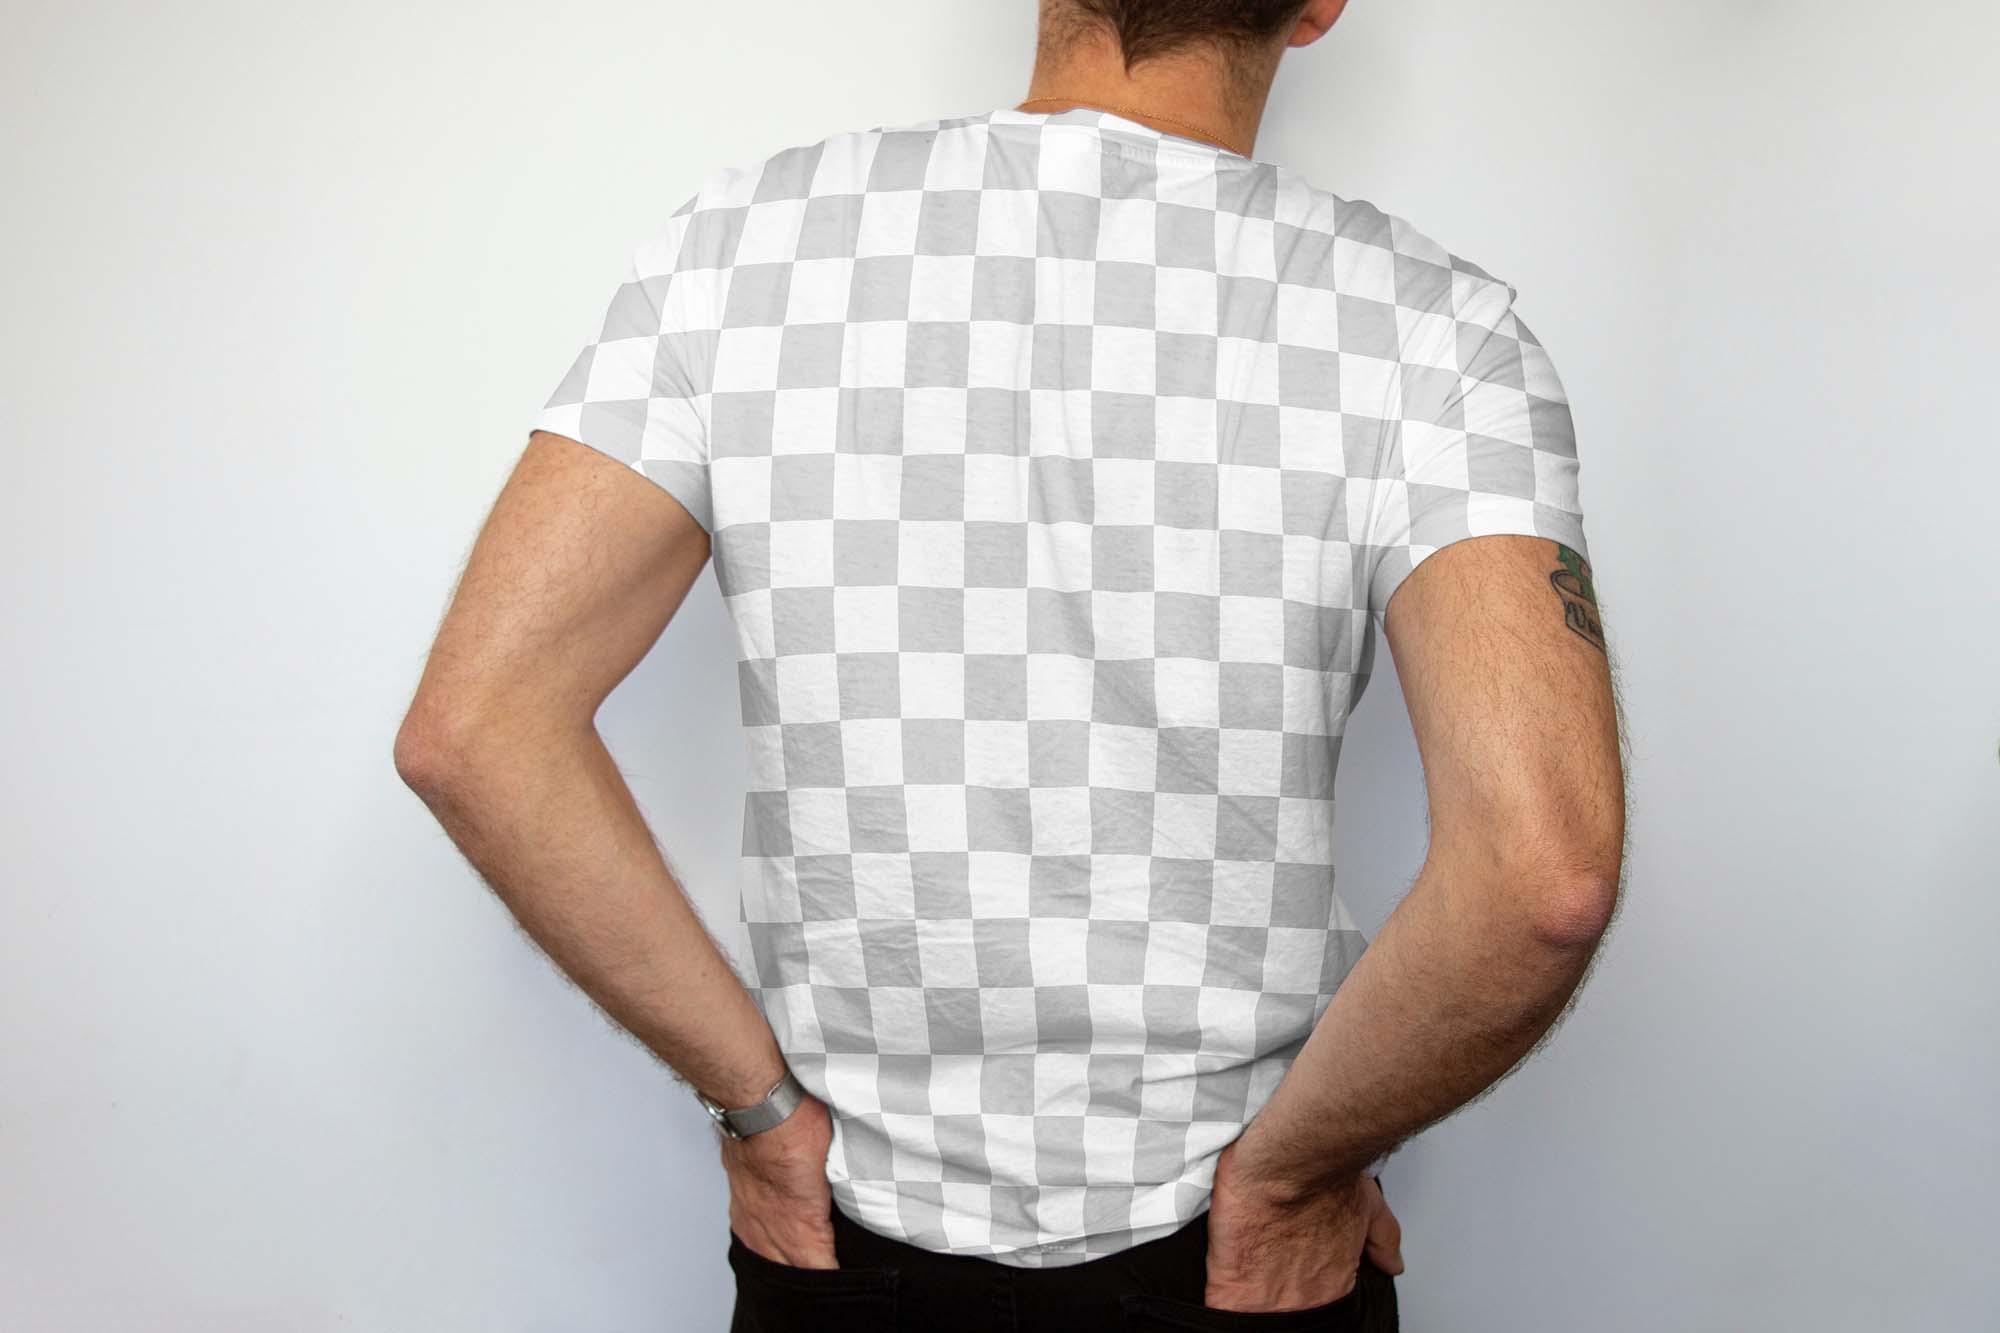 Men Backside T-shirt Mockup 2